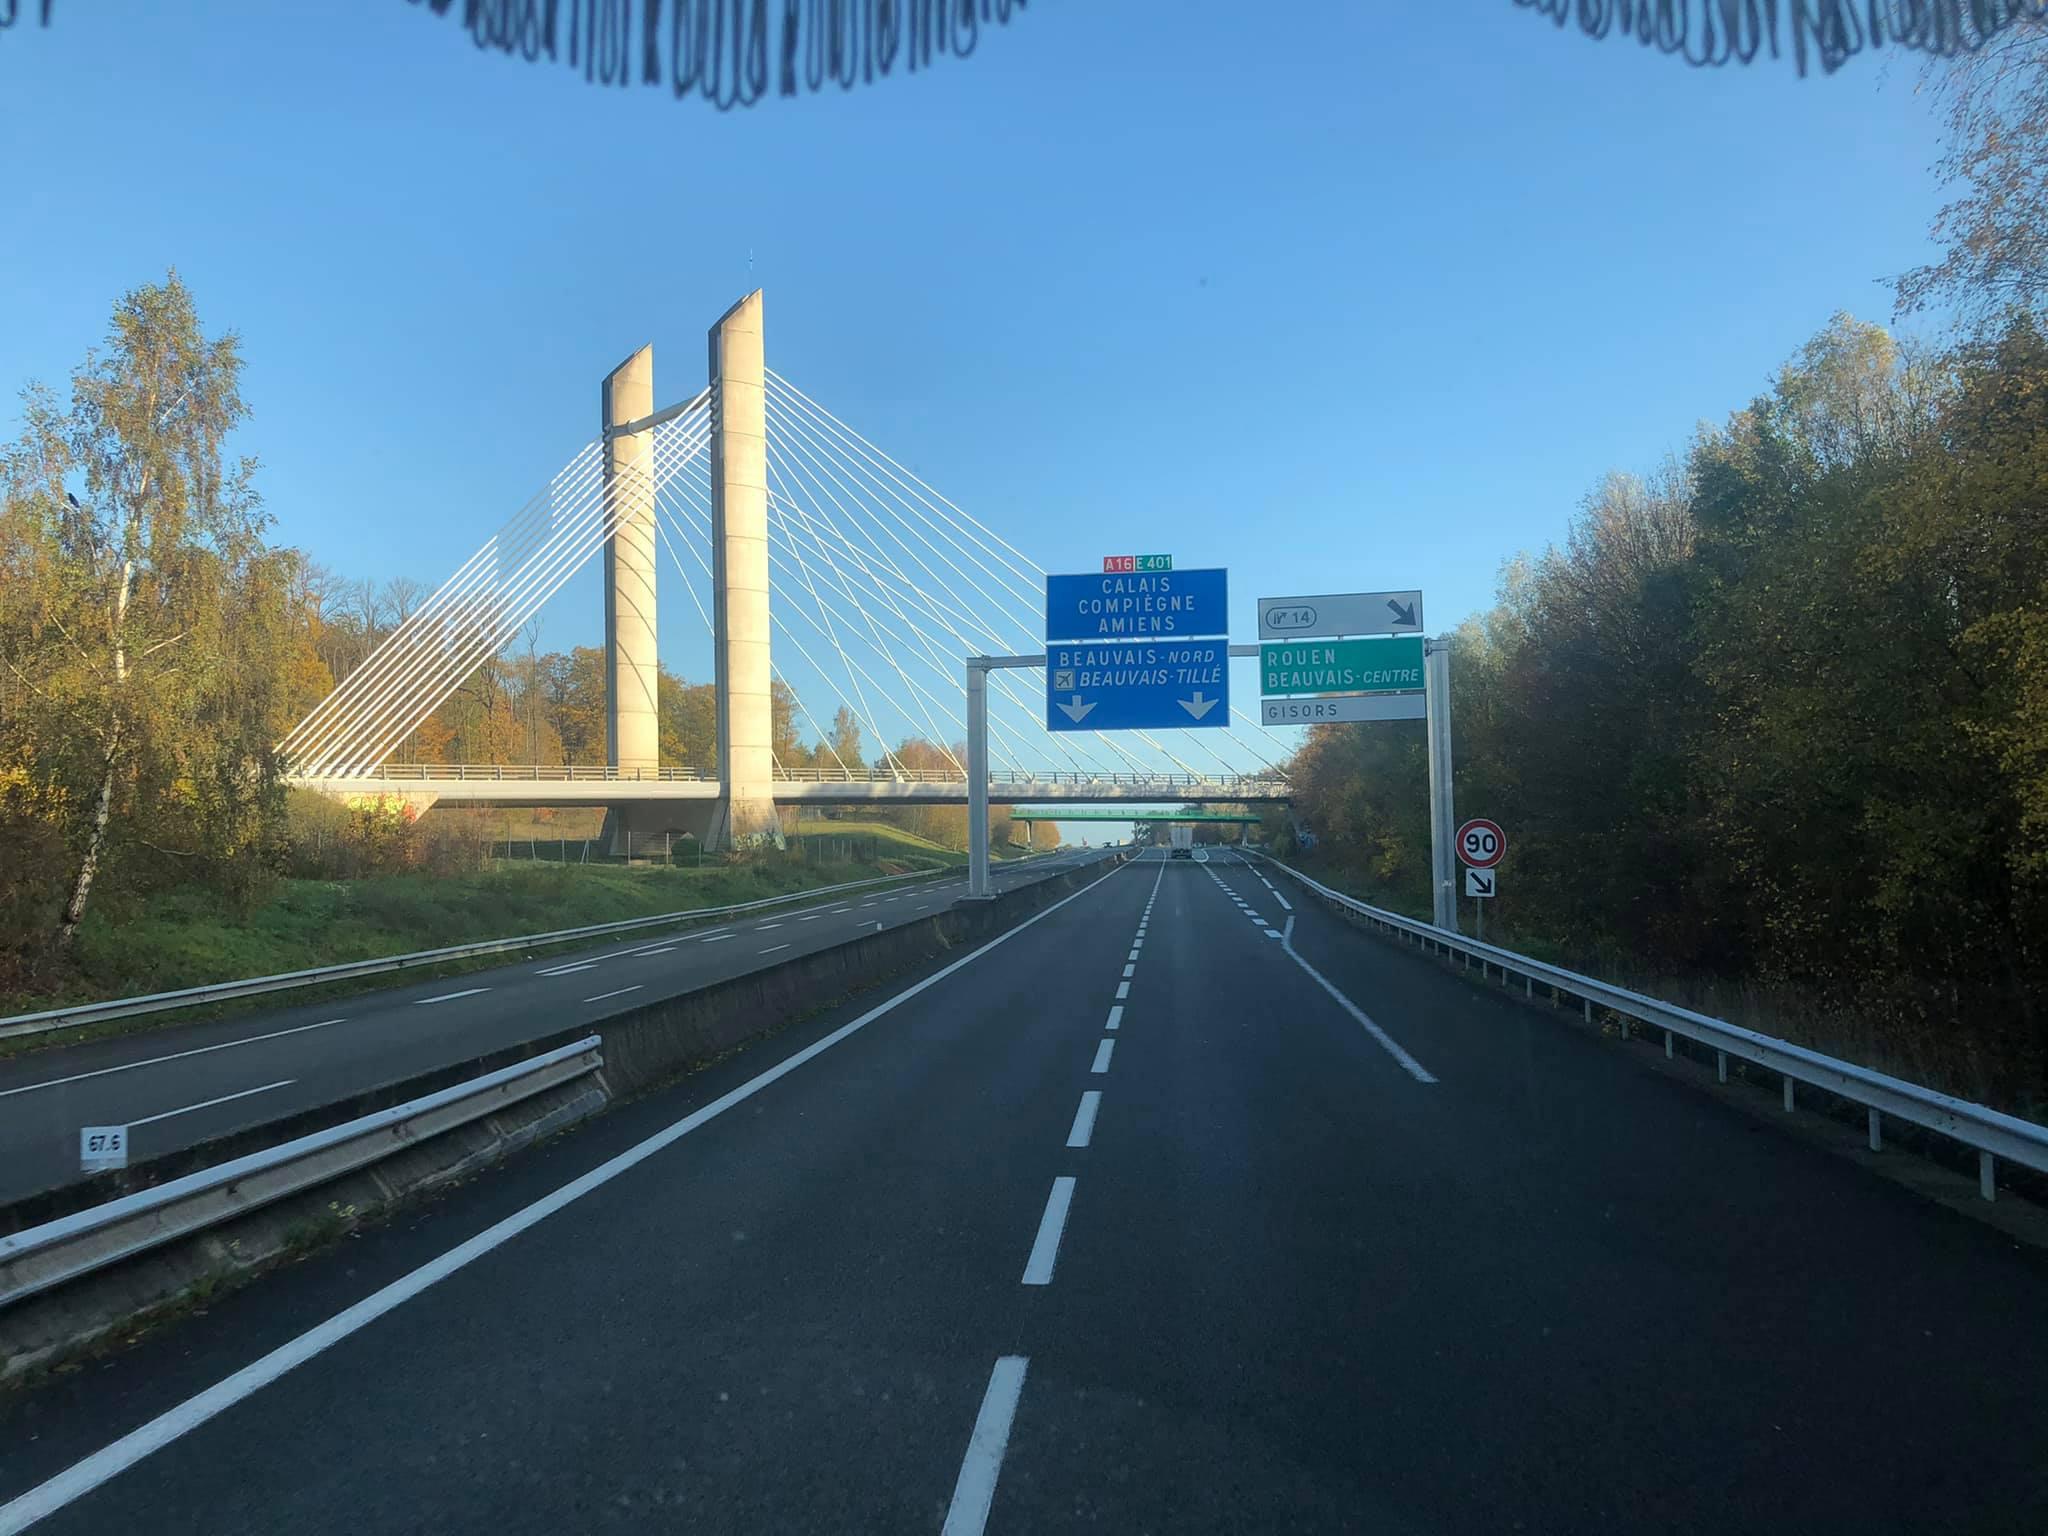 Een-druk-weekje-gehad--nu-tijd-voor-weekend-met-mijn-meisje-Jaslynn-Nijs--maandag-vertrekken-naar-genat-een-plaatsje-net-boven-Andorra-13-11-2020--(2)